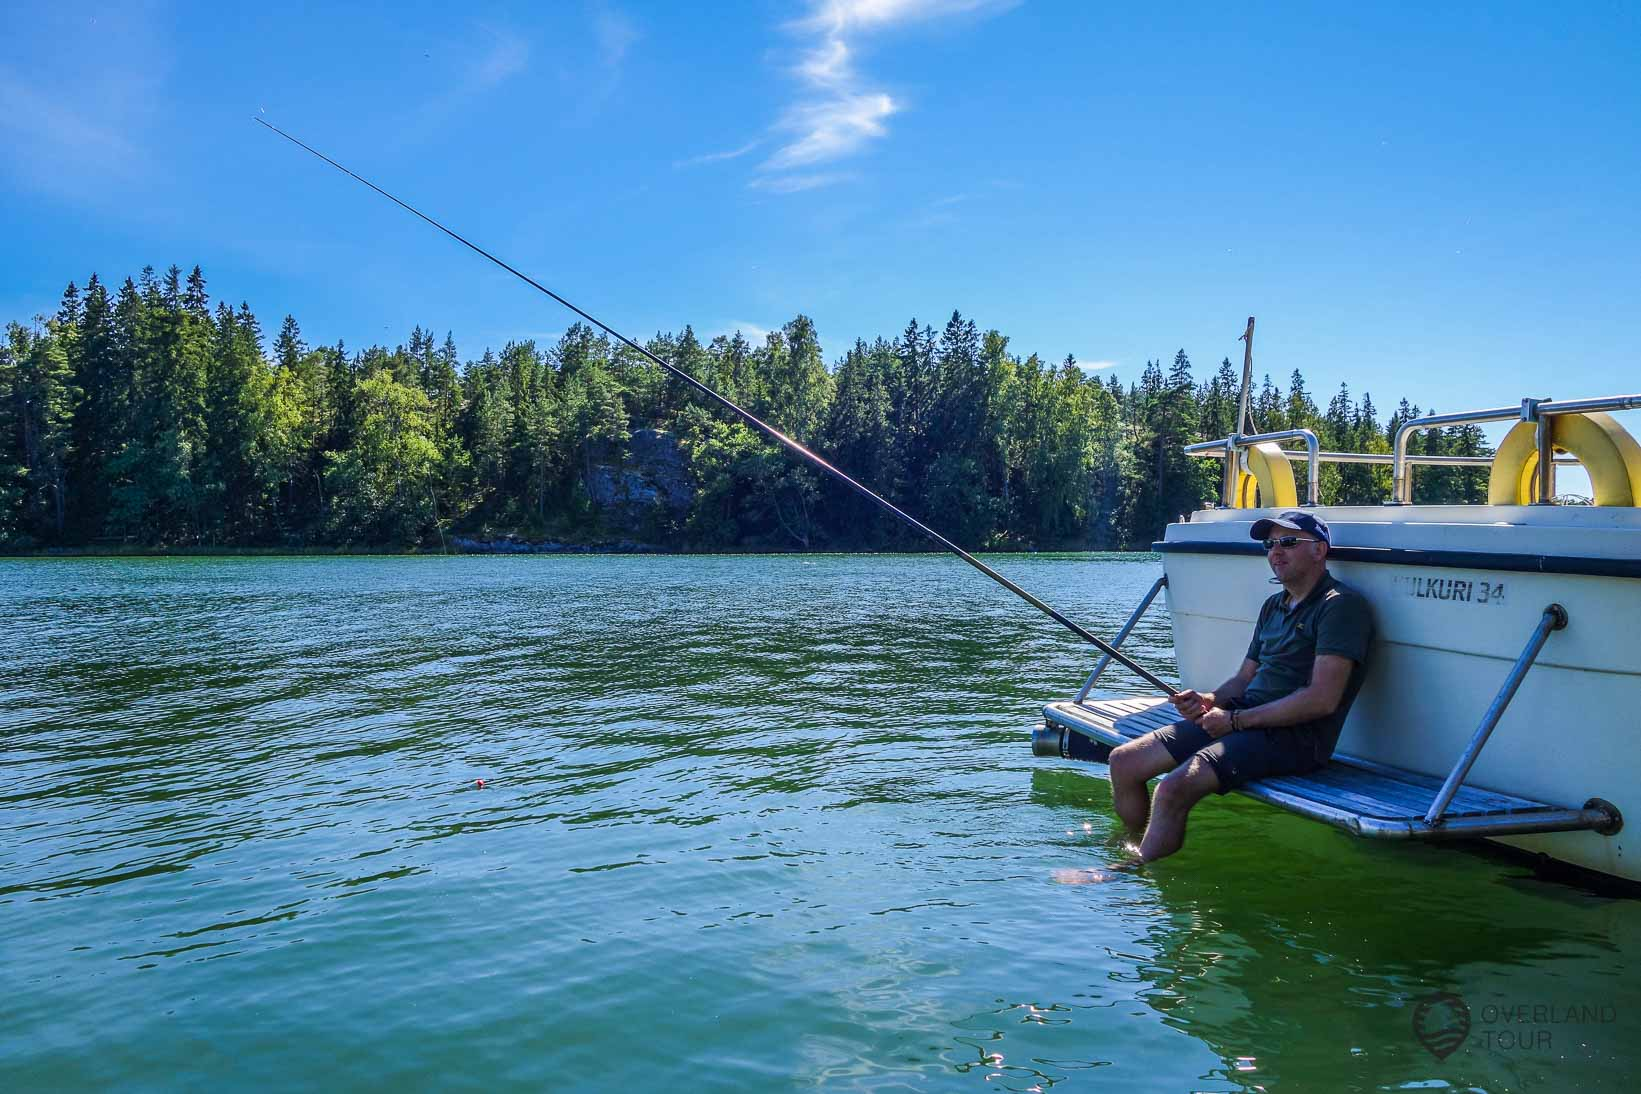 Ganz relaxt angeln - Die Sonne und die Ruhe genießen